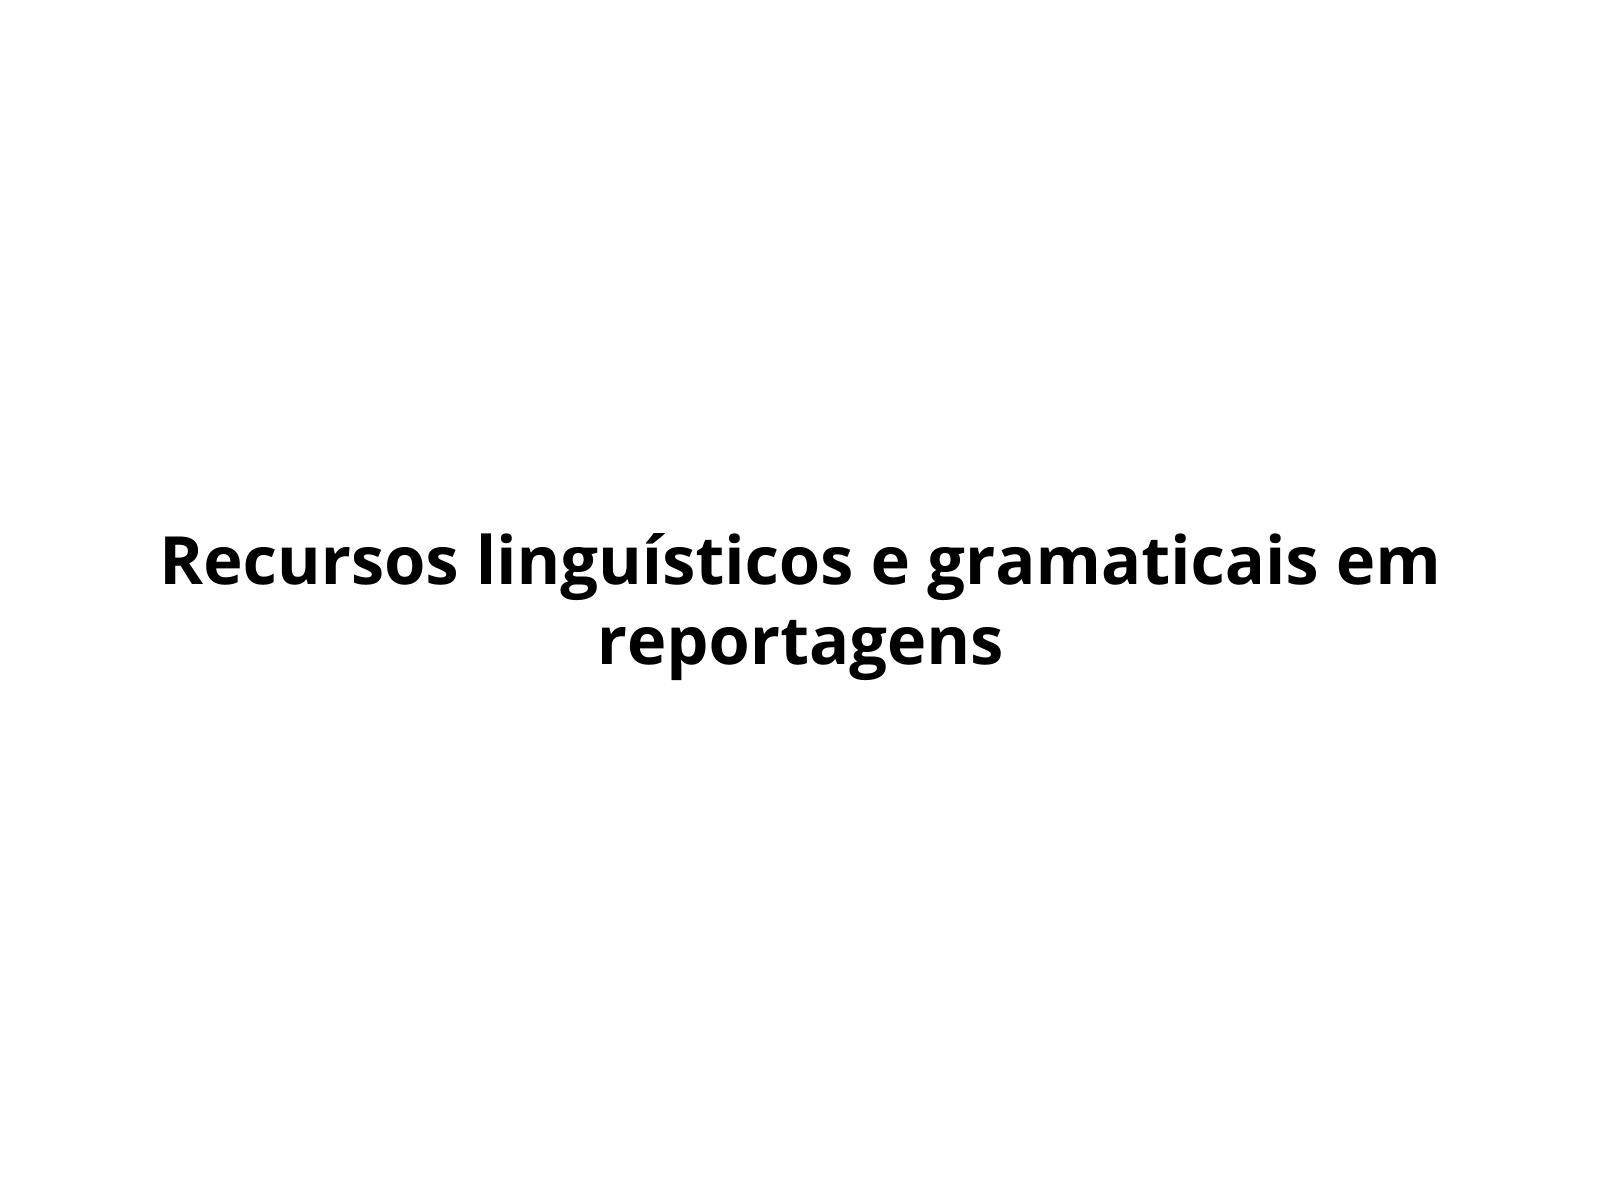 Utilização de recursos linguísticos e gramaticais em reportagens